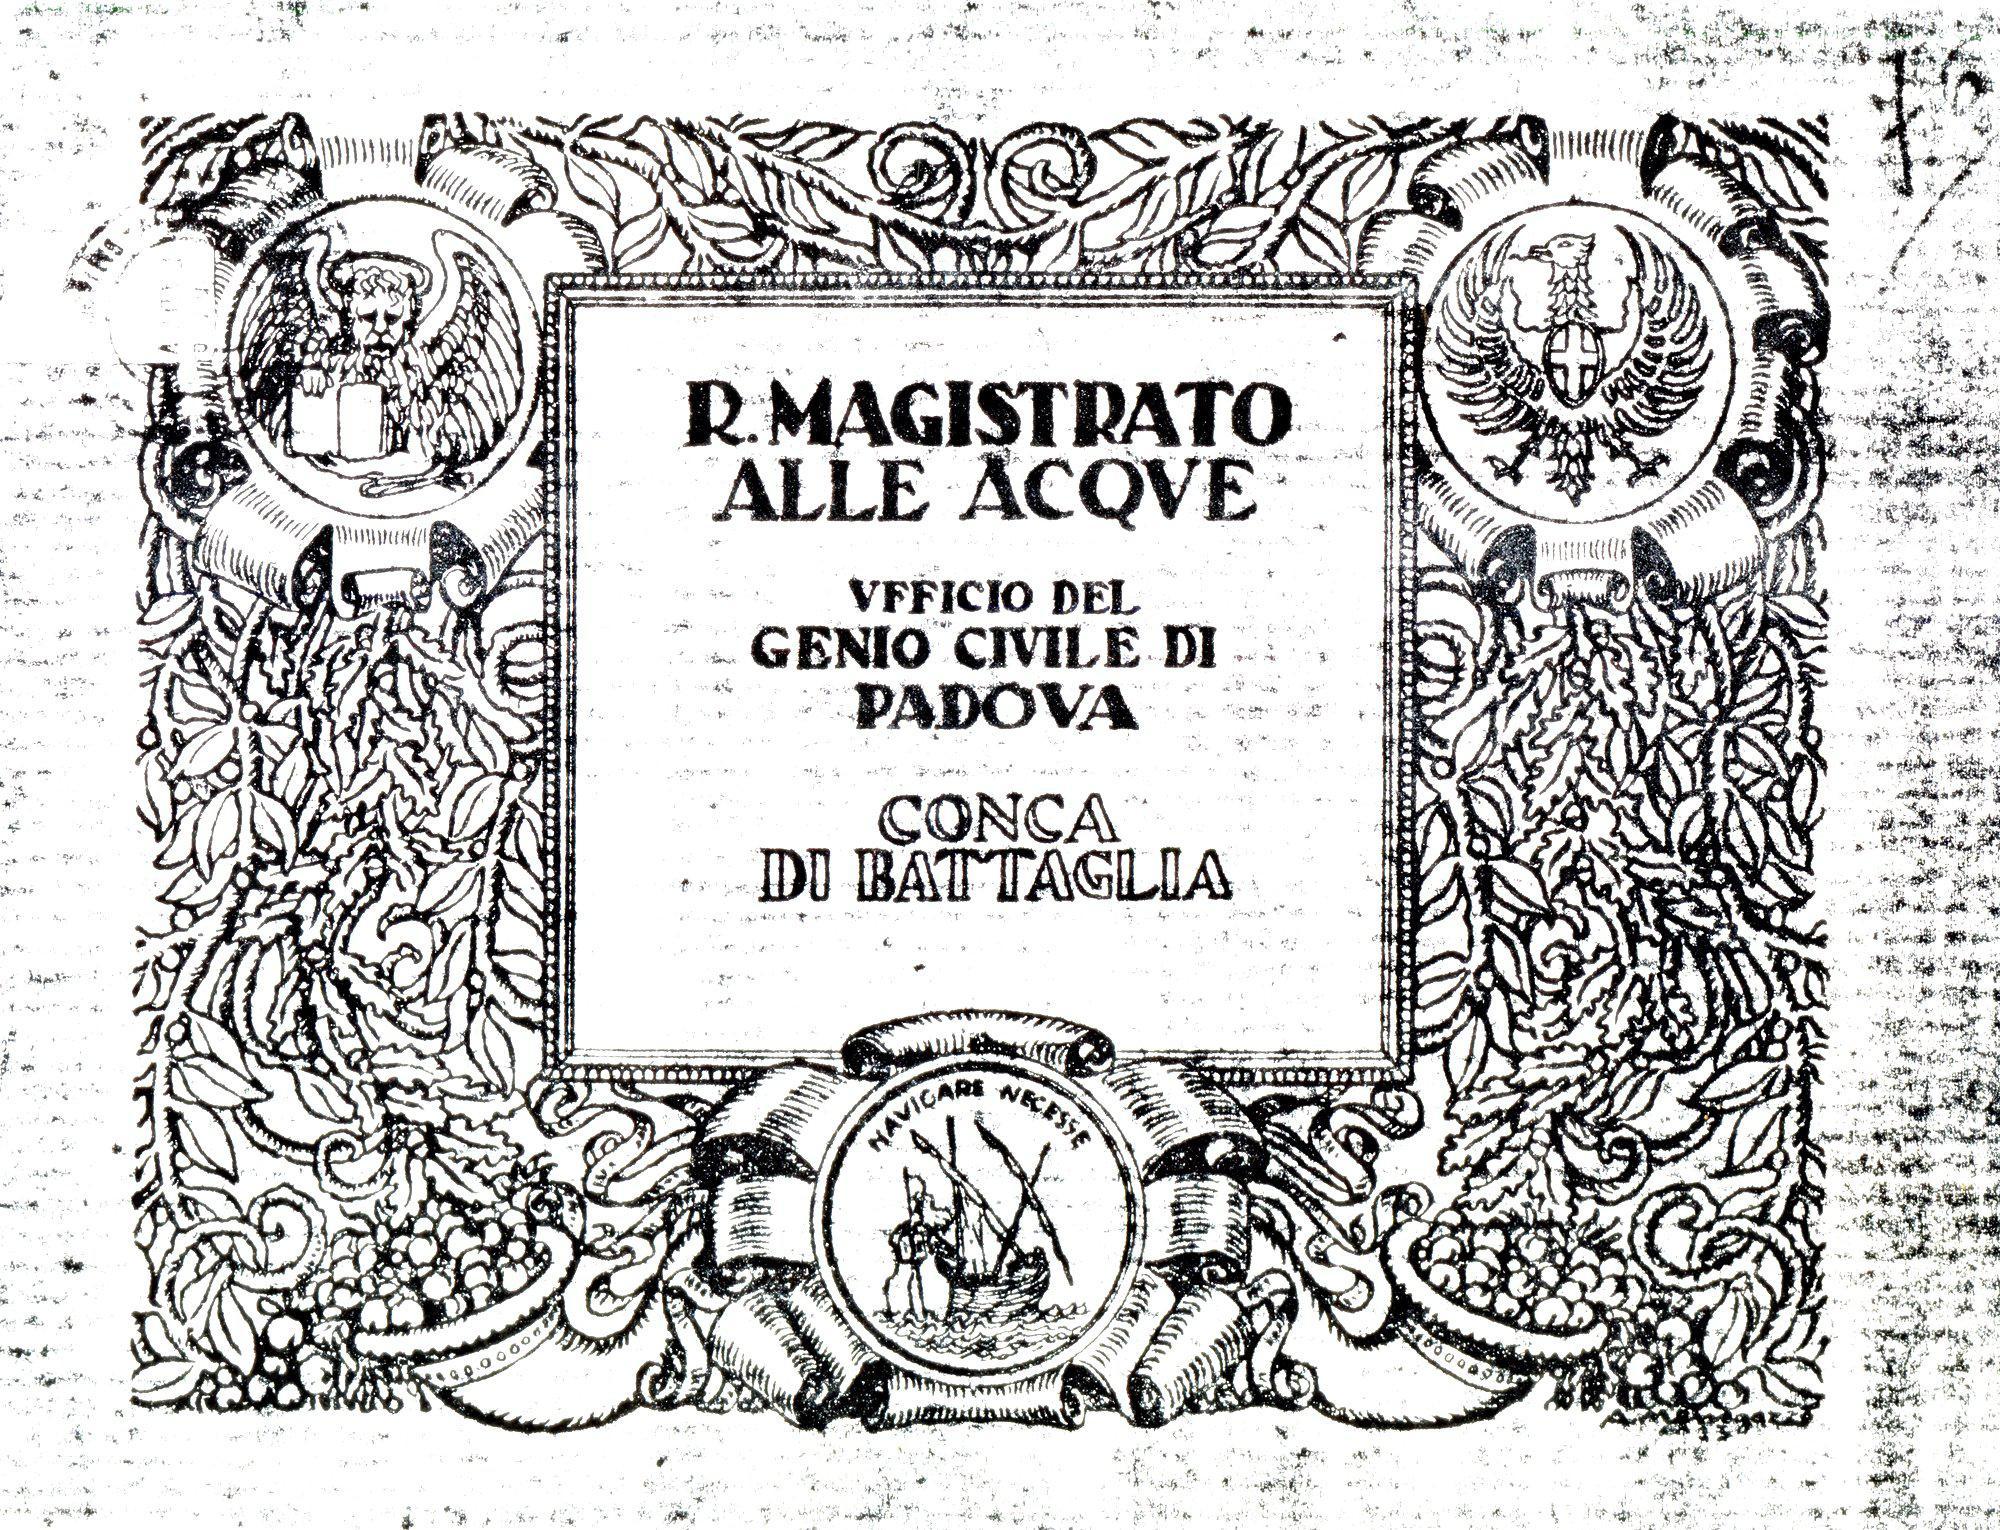 Conca di Battaglia, copertina.